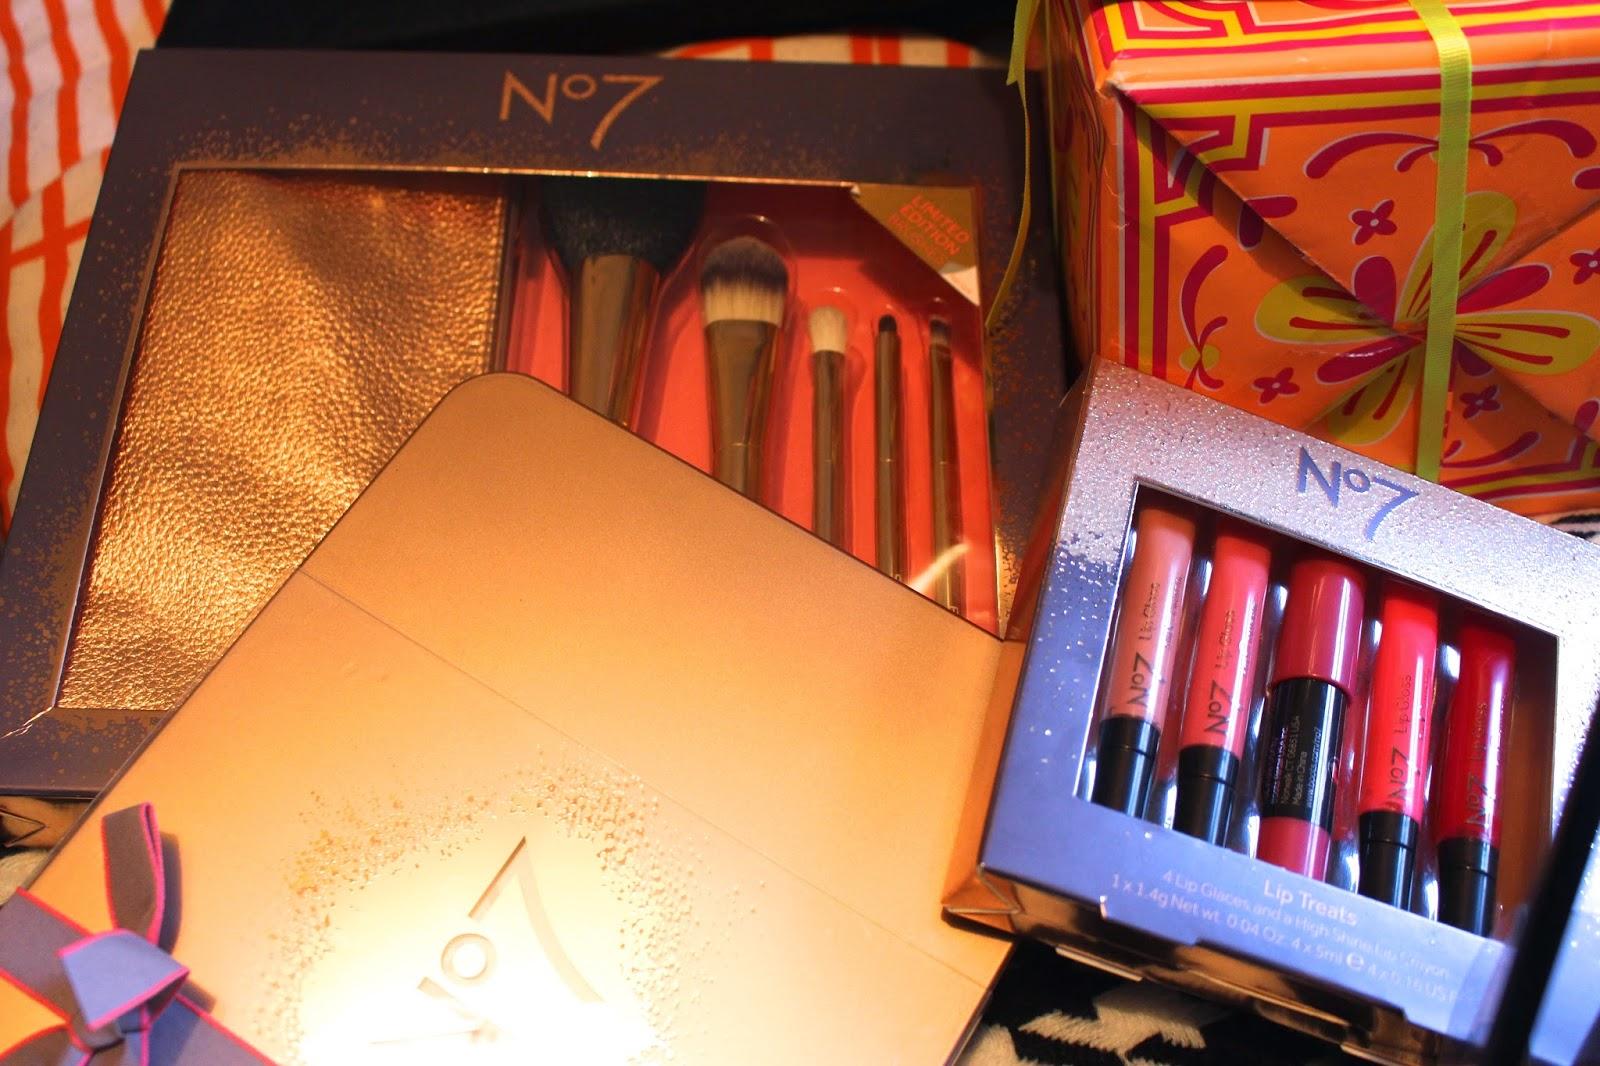 No7 Makeup